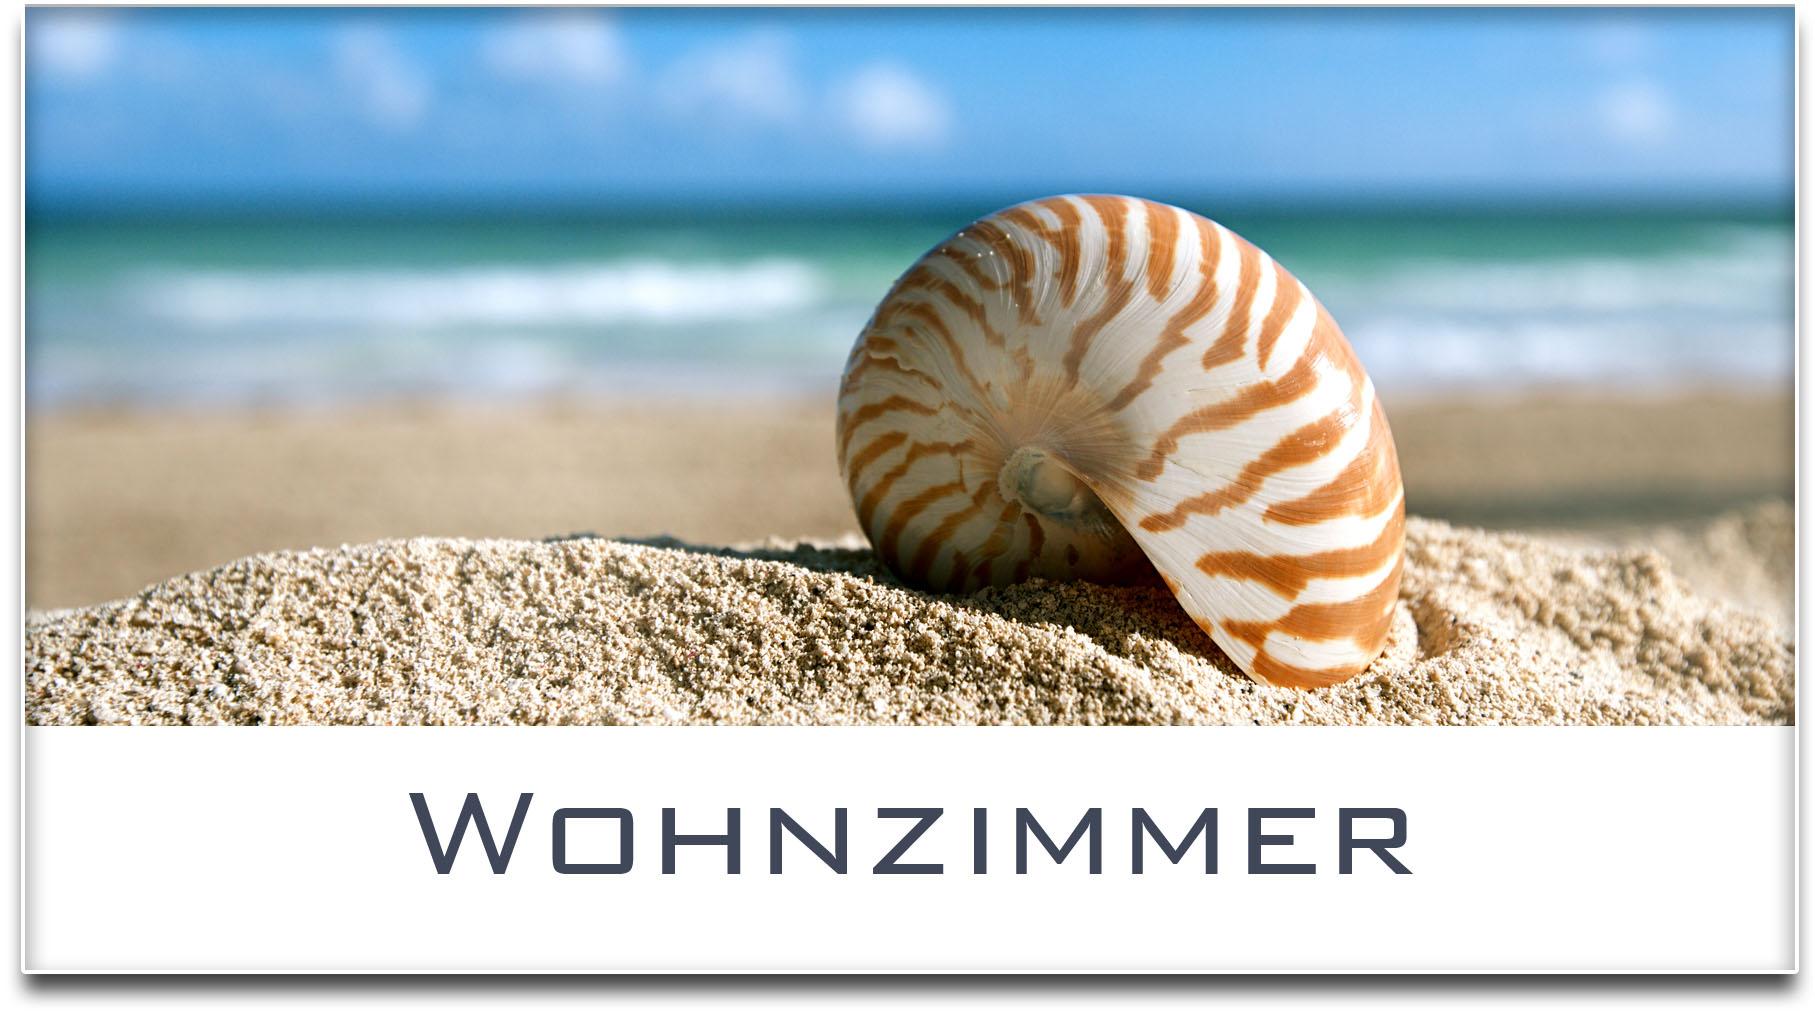 Türschild / Haustürschild / Muschel / Strand / Wohnzimmer / Selbstklebend